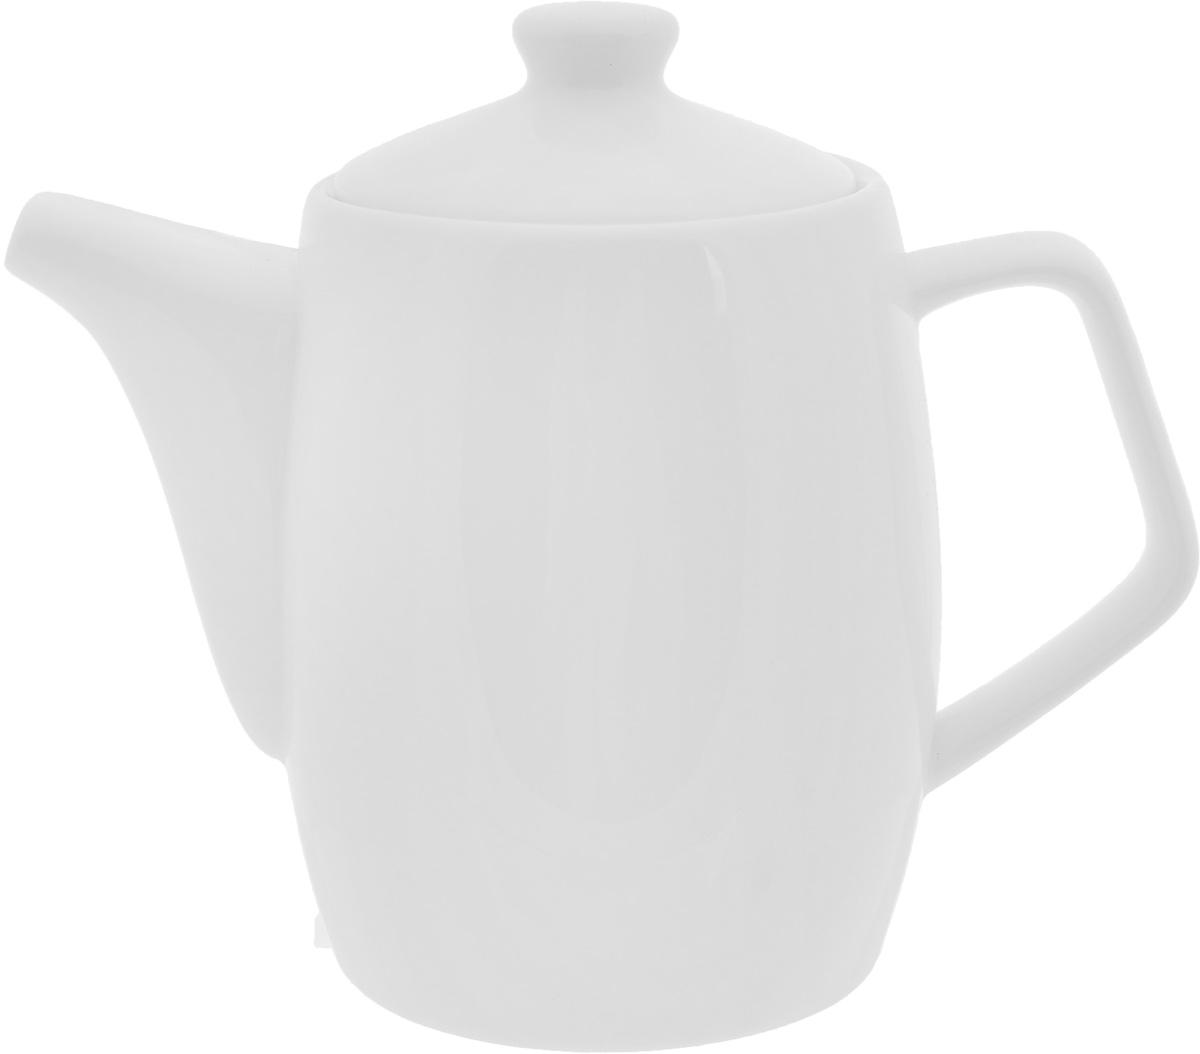 Чайник заварочный Wilmax, 500 мл391602Заварочный чайник Wilmax изготовлен из высококачественного фарфора. Глазурованное покрытие обеспечивает легкую очистку. Изделие прекрасно подходит для заваривания вкусного и ароматного чая, а также травяных настоев. Ситечко в основании носика препятствует попаданию чаинок в чашку. Оригинальный дизайн сделает чайник настоящим украшением стола. Он удобен в использовании и понравится каждому.Можно мыть в посудомоечной машине и использовать в микроволновой печи. Диаметр чайника (по верхнему краю): 7,5 см. Высота чайника (без учета крышки): 11 см.